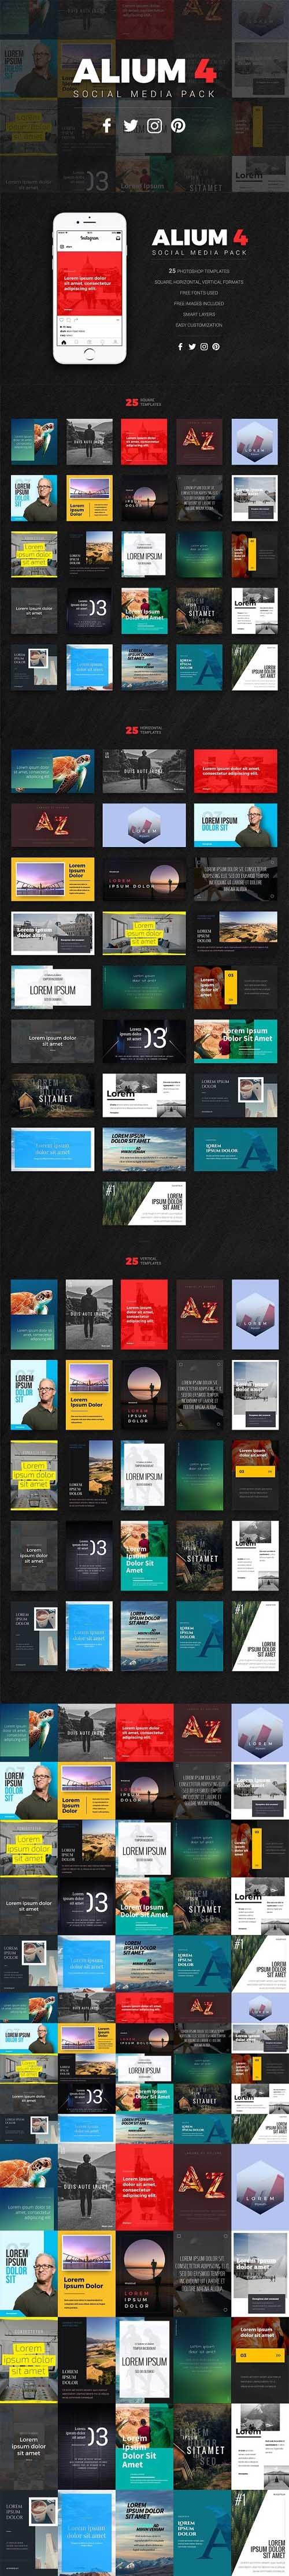 ALIUM 4 | Social Media Pack